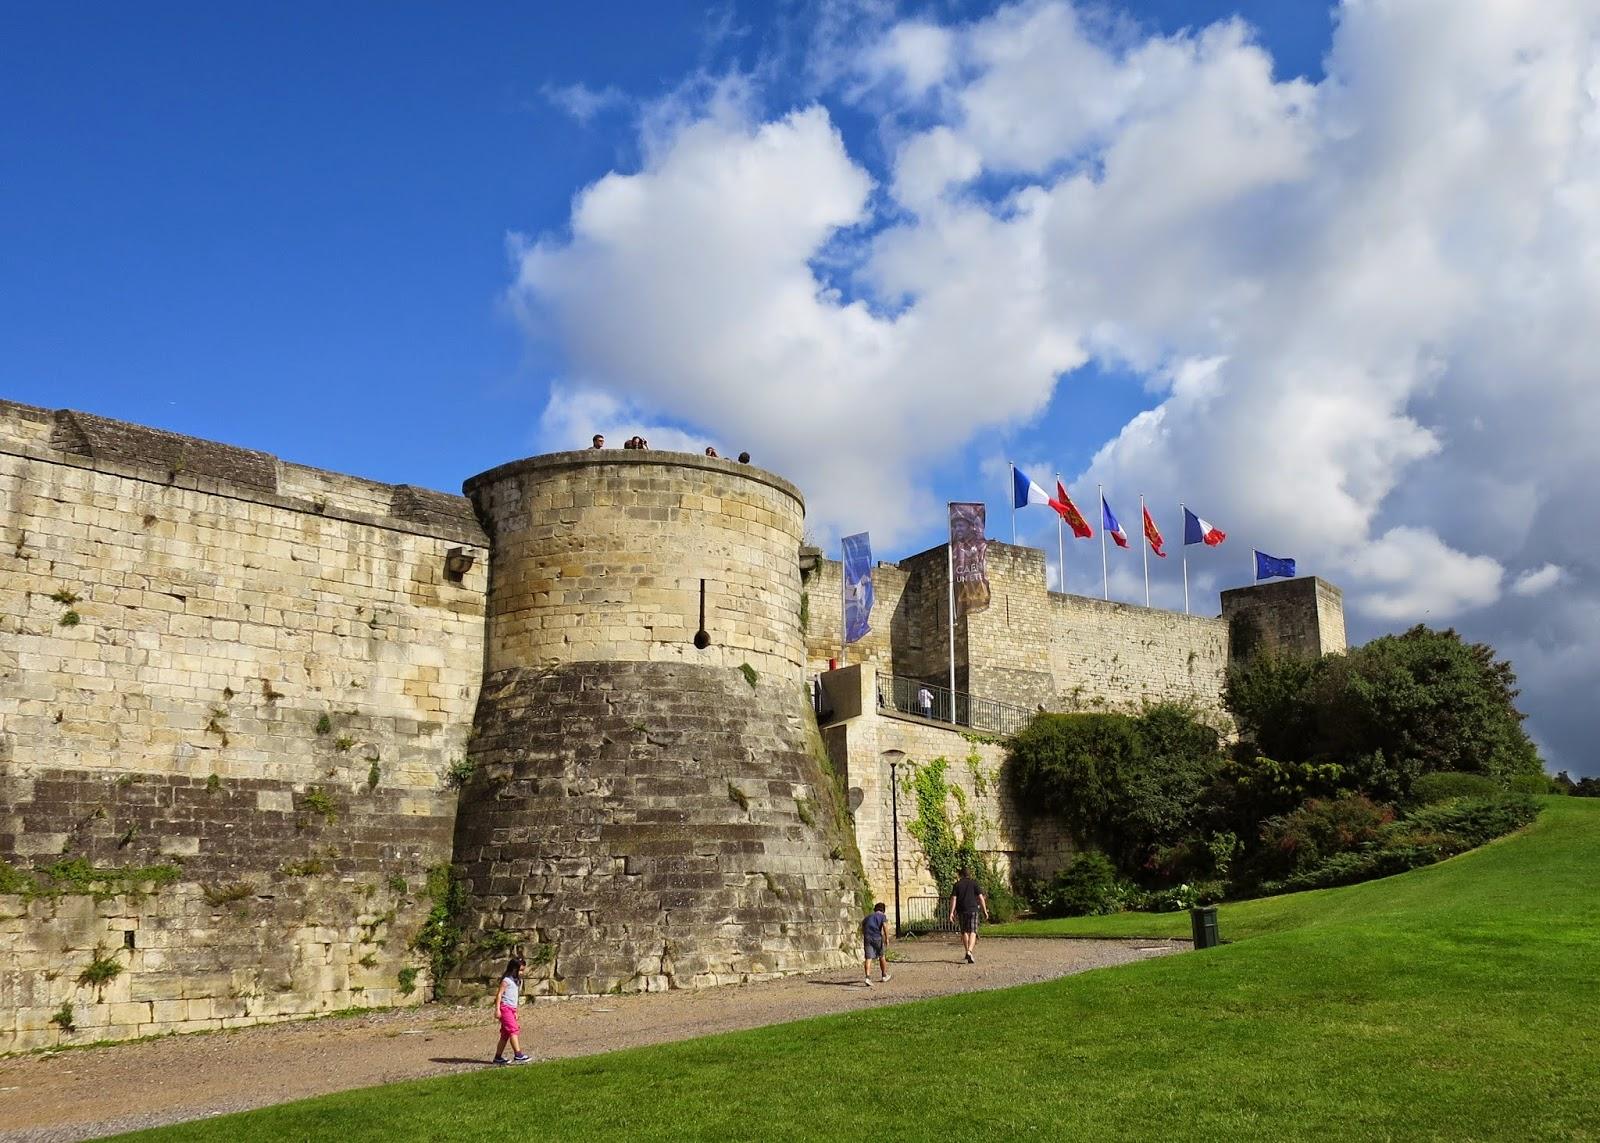 Chateau de Caen, Caen castle